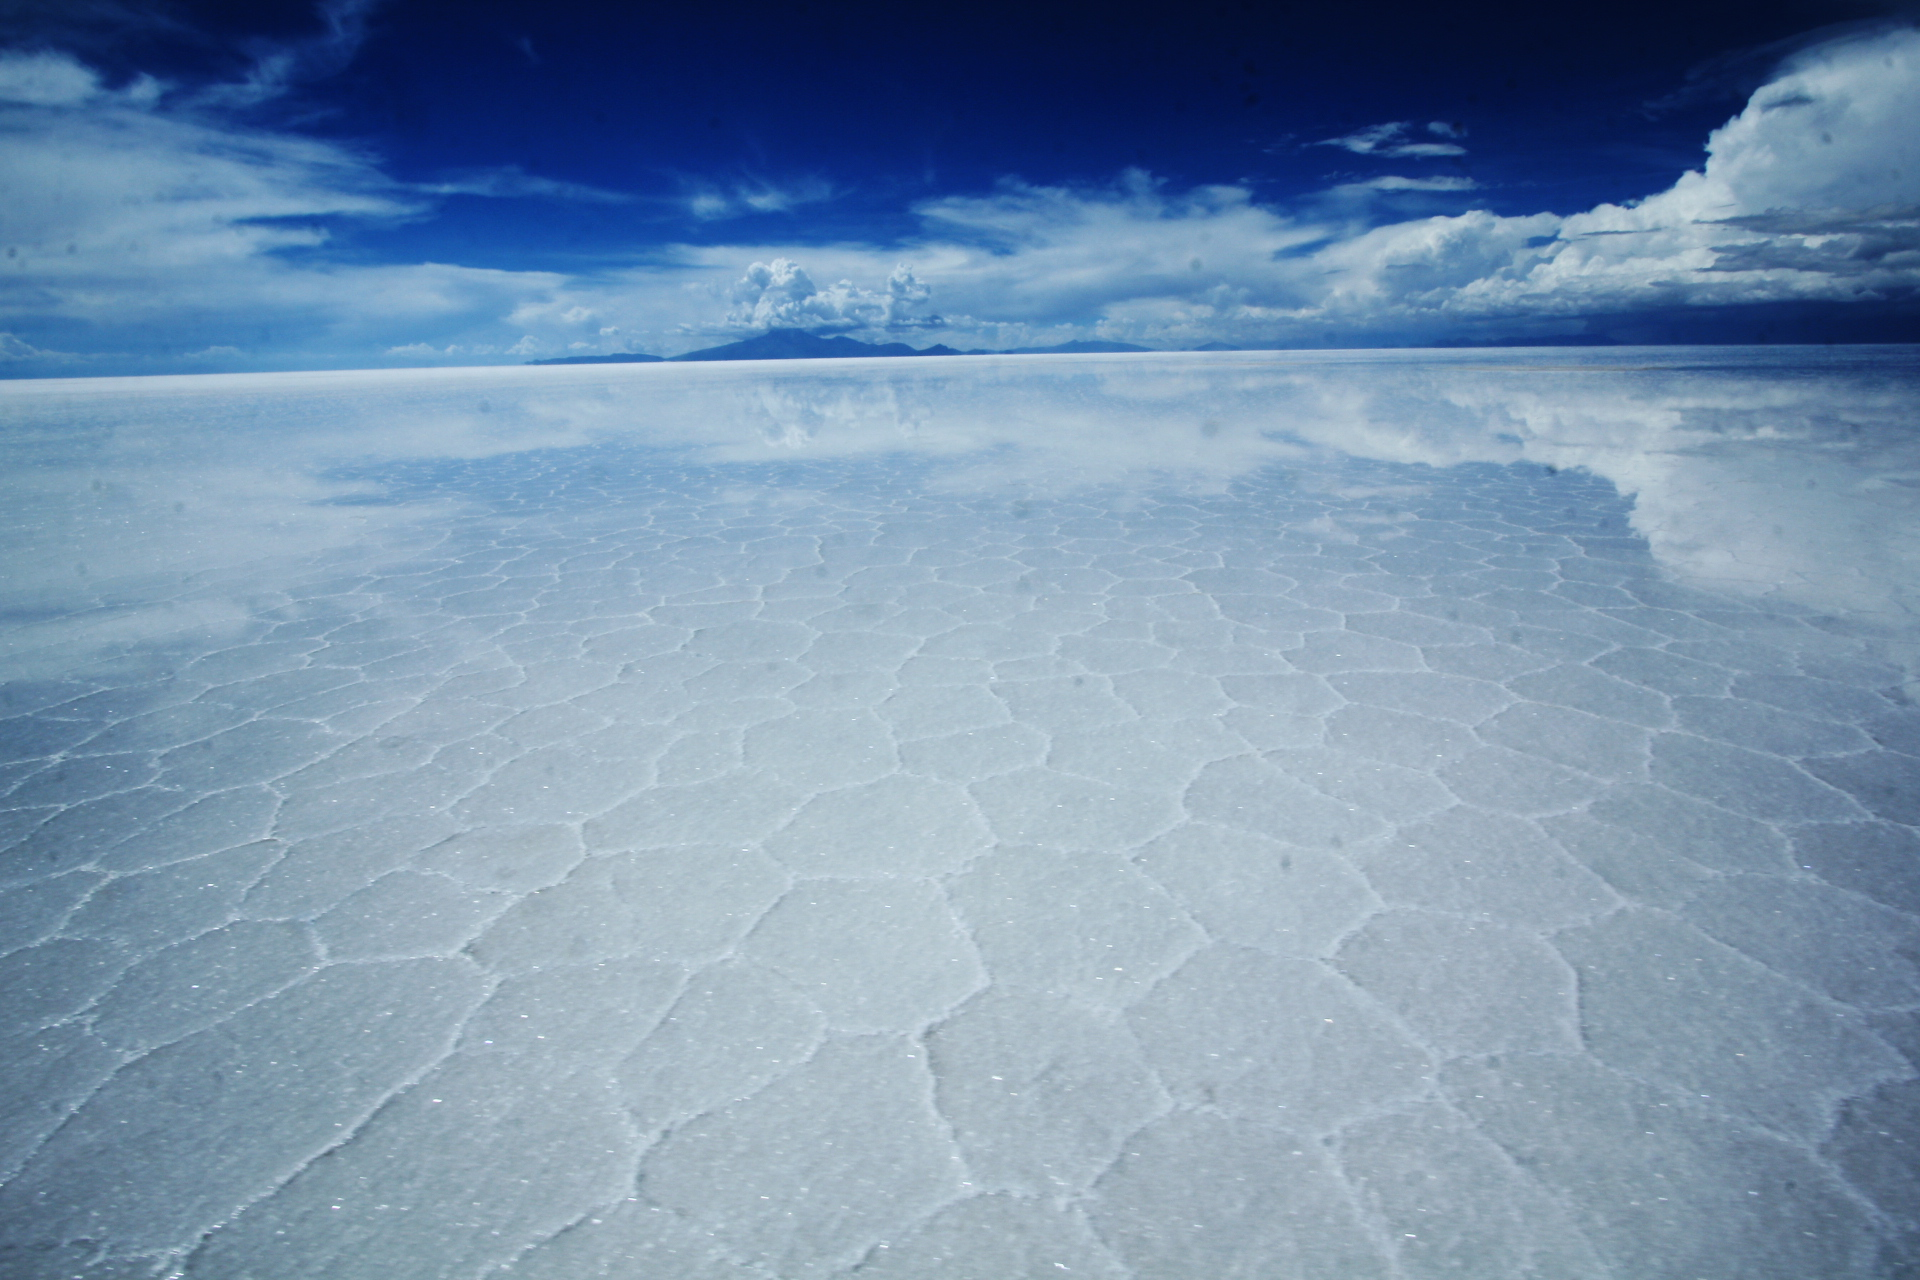 雲がウユニ塩湖遺跡に写りこんでいる壁紙